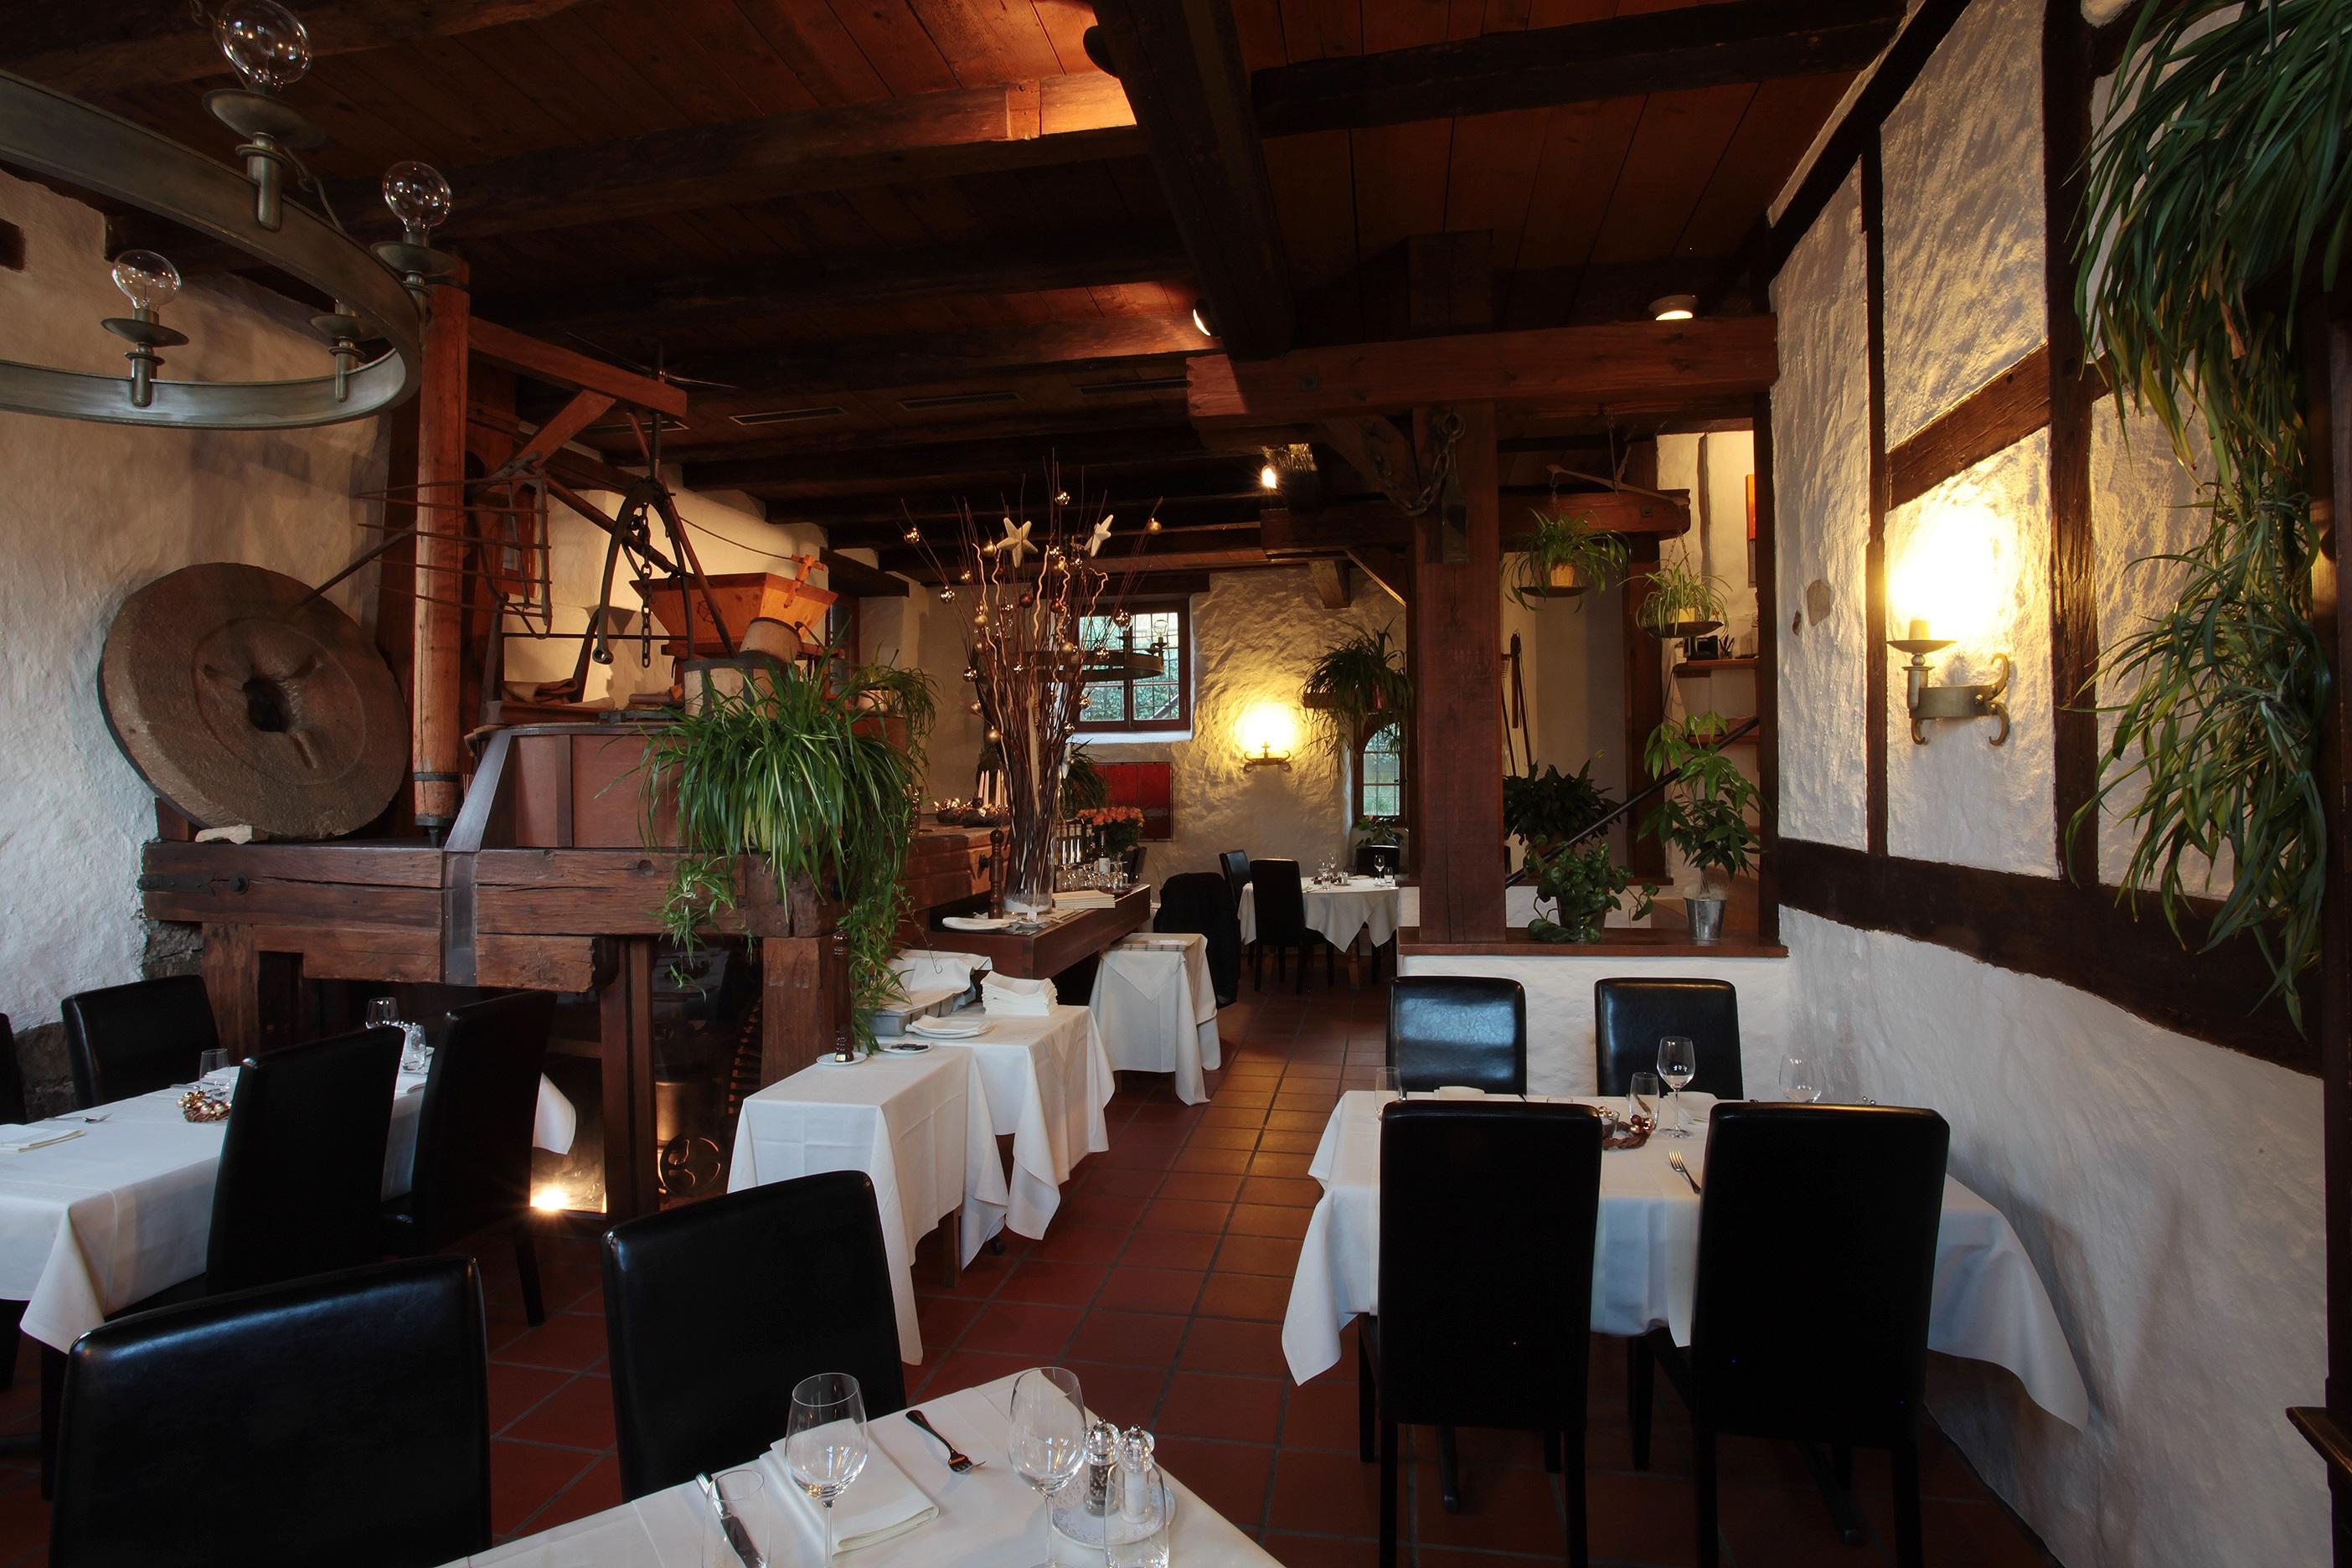 Restaurant Muehle in Allschwil - Ausgezeichnete Restaurants, Bars ...